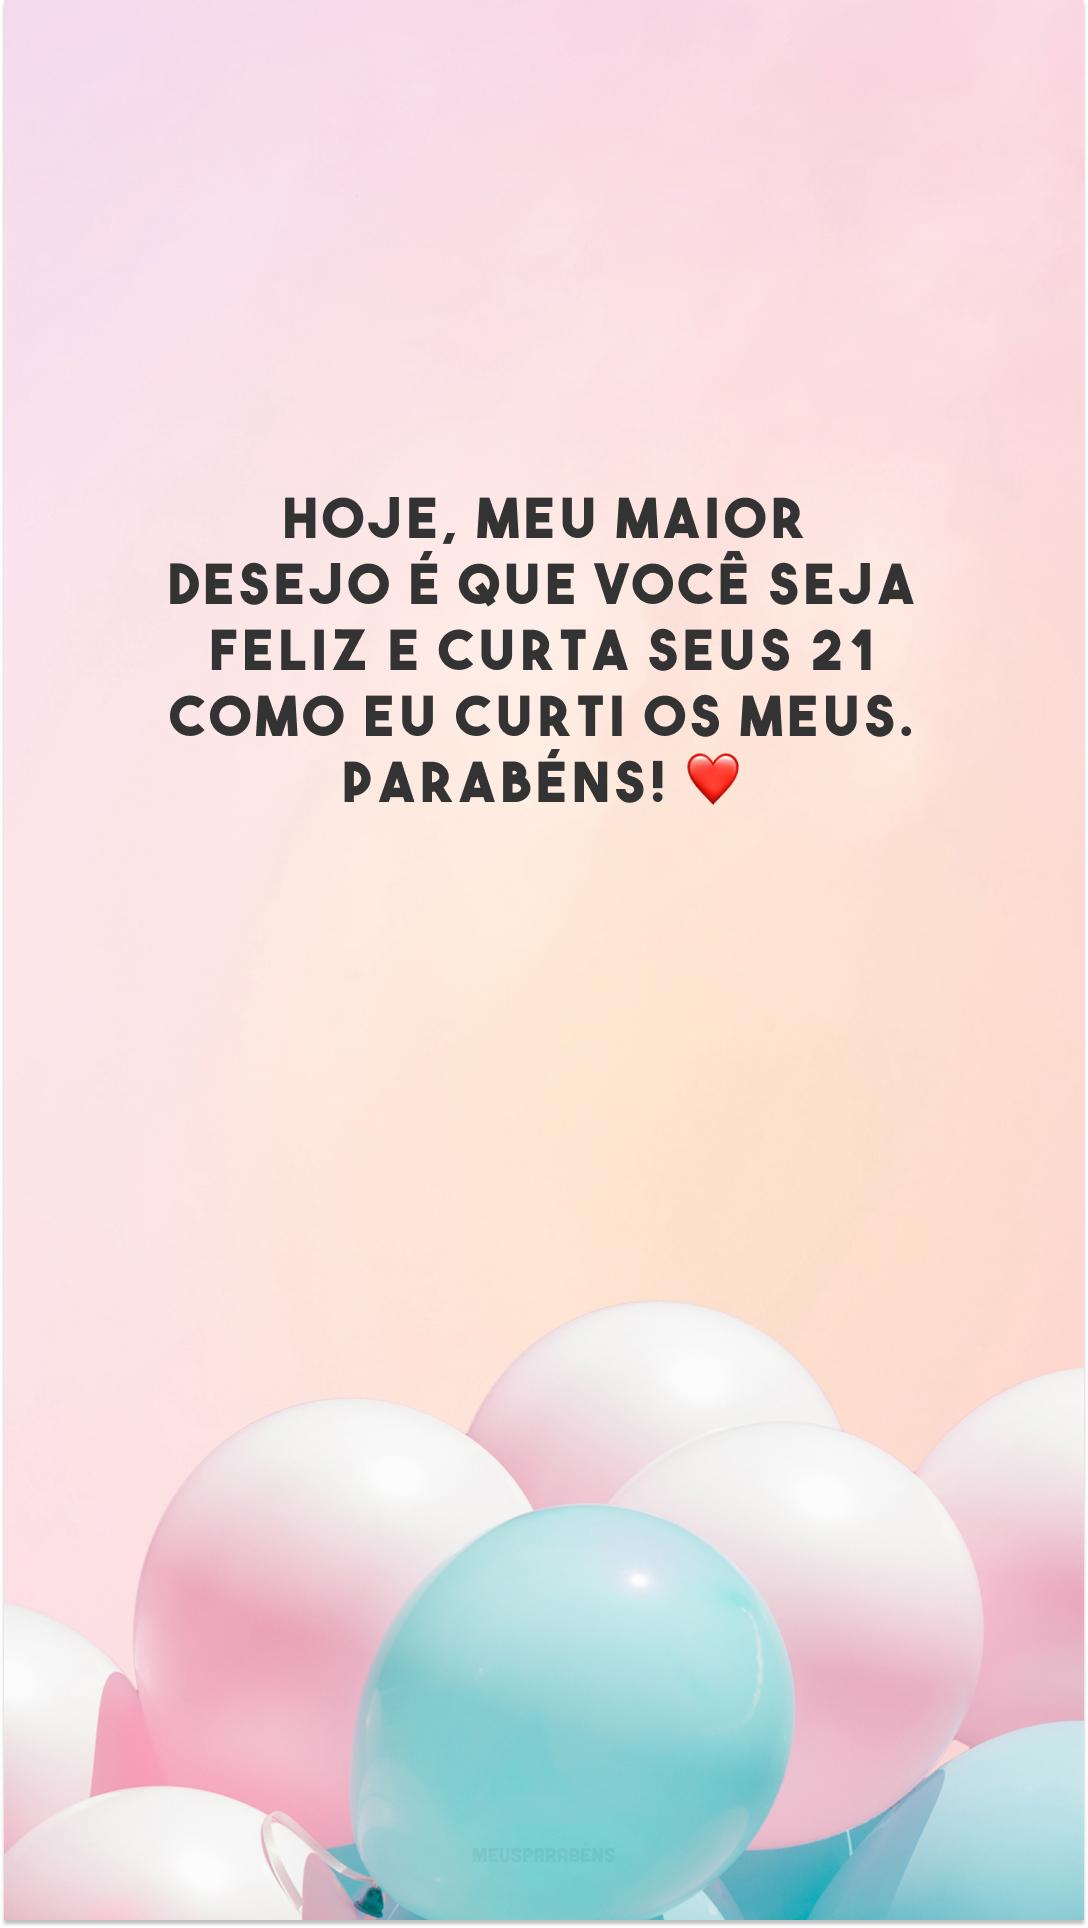 Hoje, meu maior desejo é que você seja feliz e curta seus 21 como eu curti os meus. Parabéns! ❤️